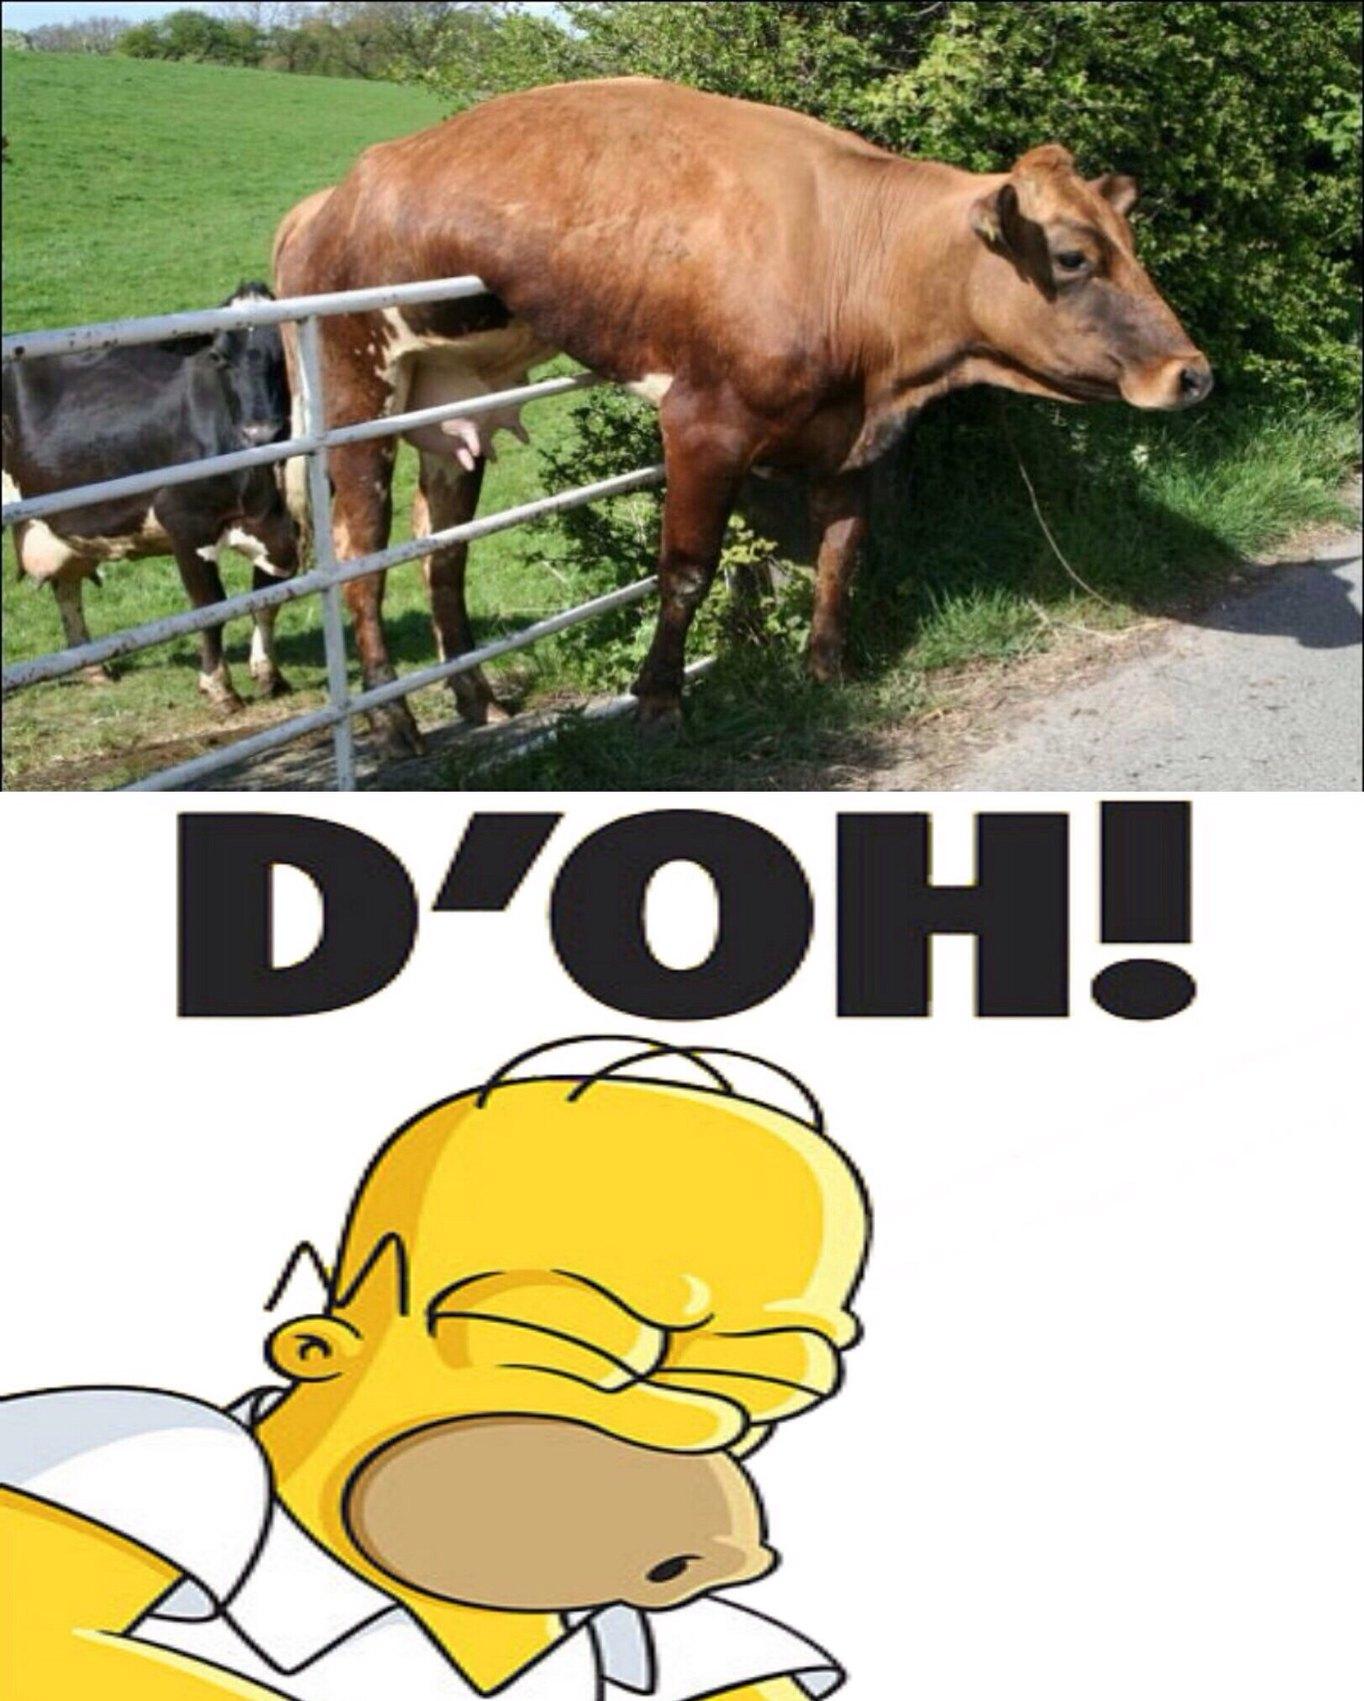 Pauvre vache - meme